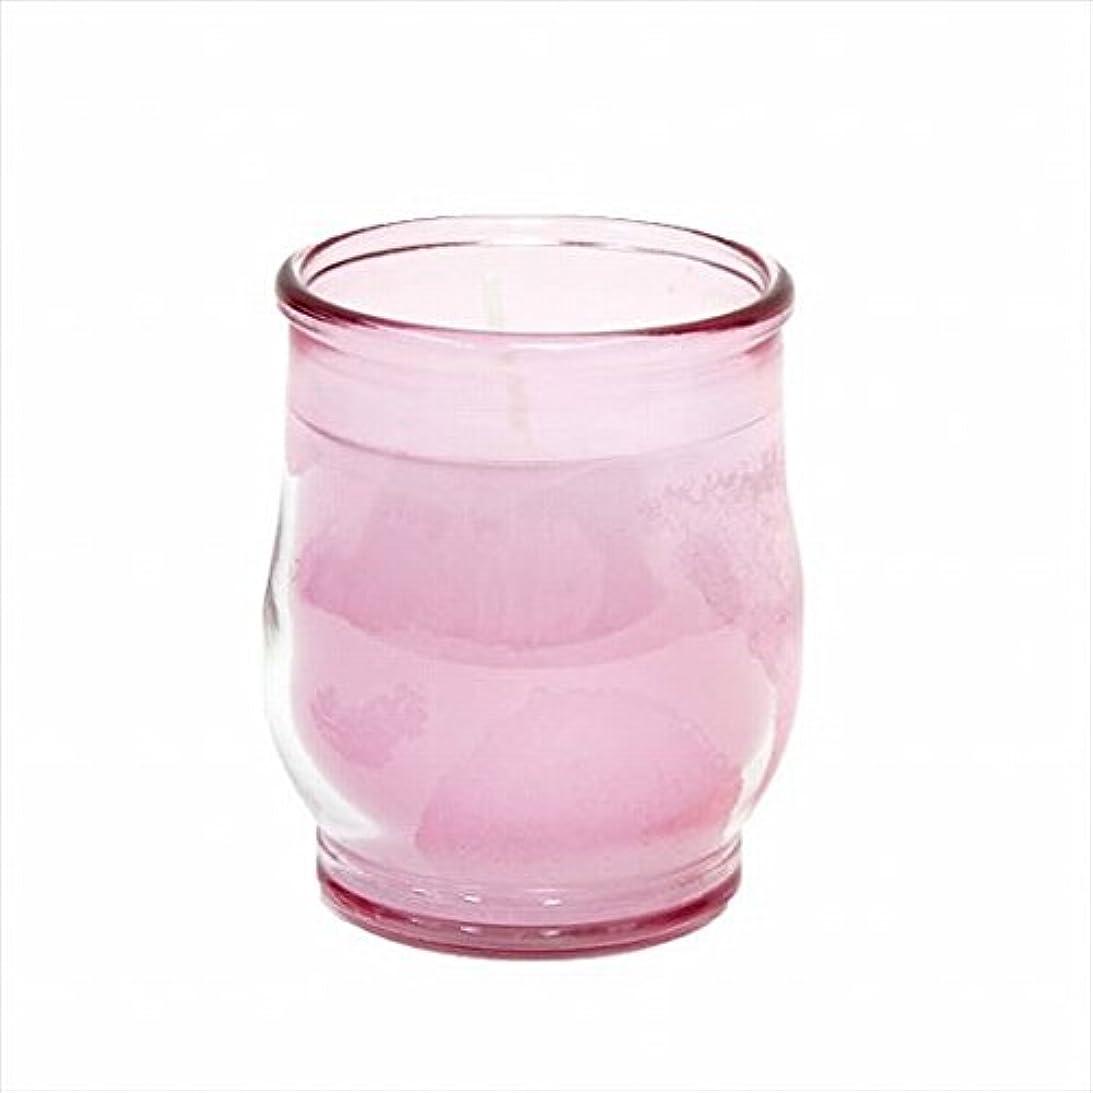 序文役割精度カメヤマキャンドル(kameyama candle) ポシェ(非常用コップローソク) 「 ピンク(ライトカラー) 」